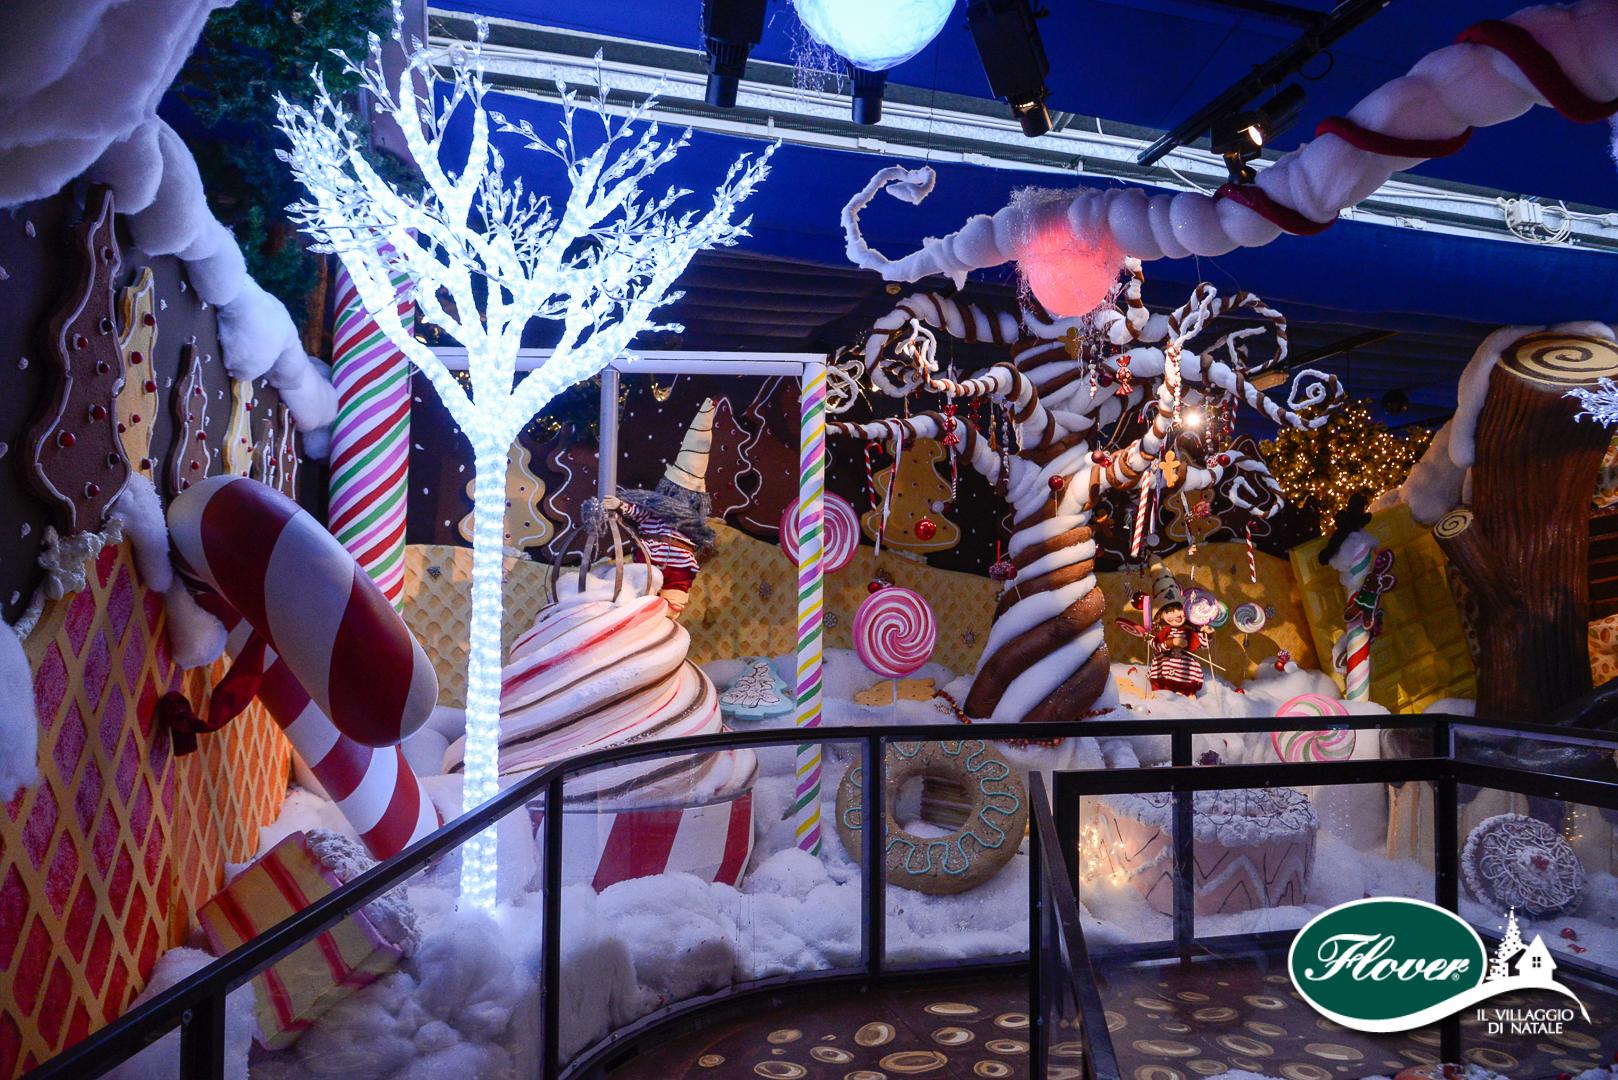 Villaggio Di Natale Bussolengo Immagini.Programma Il Villaggio Di Natale A Bussolengo A Verona